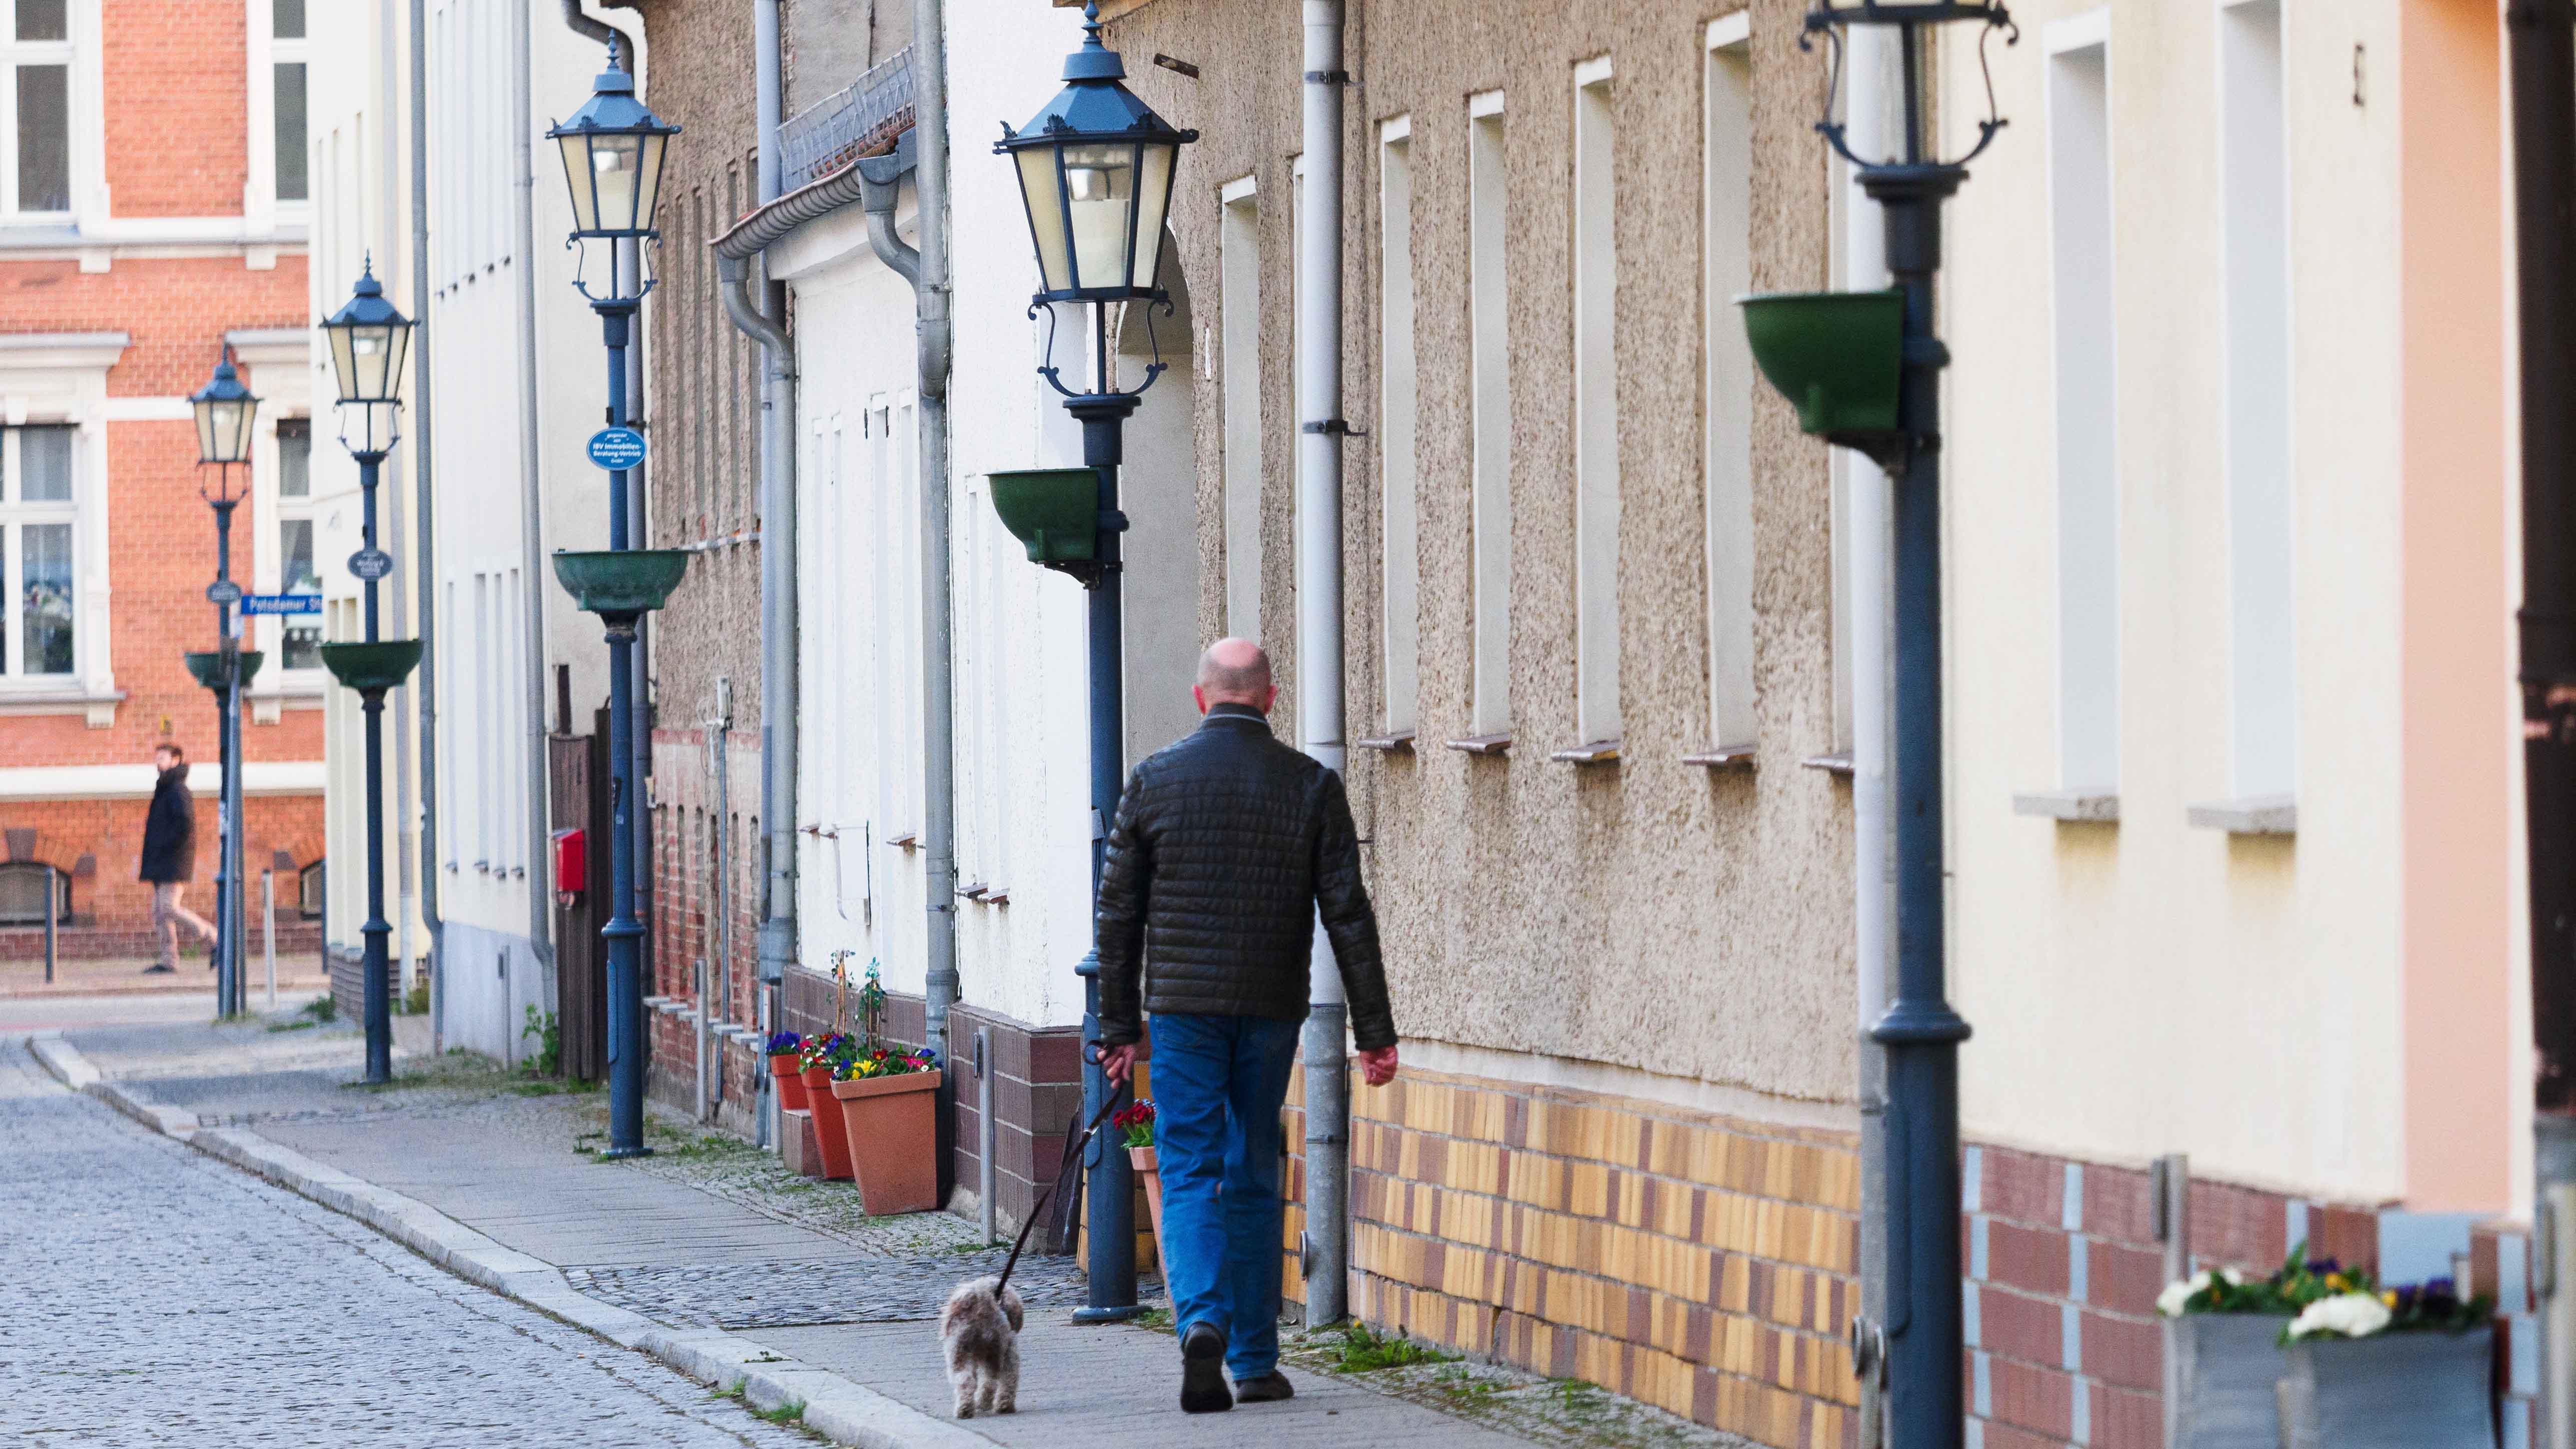 Die Zahl neuer Corona-Ansteckungen pro 100 000 Einwohner in einer Woche ist inBrandenburg weiter gesunken. (Bild: dpa/Stache)